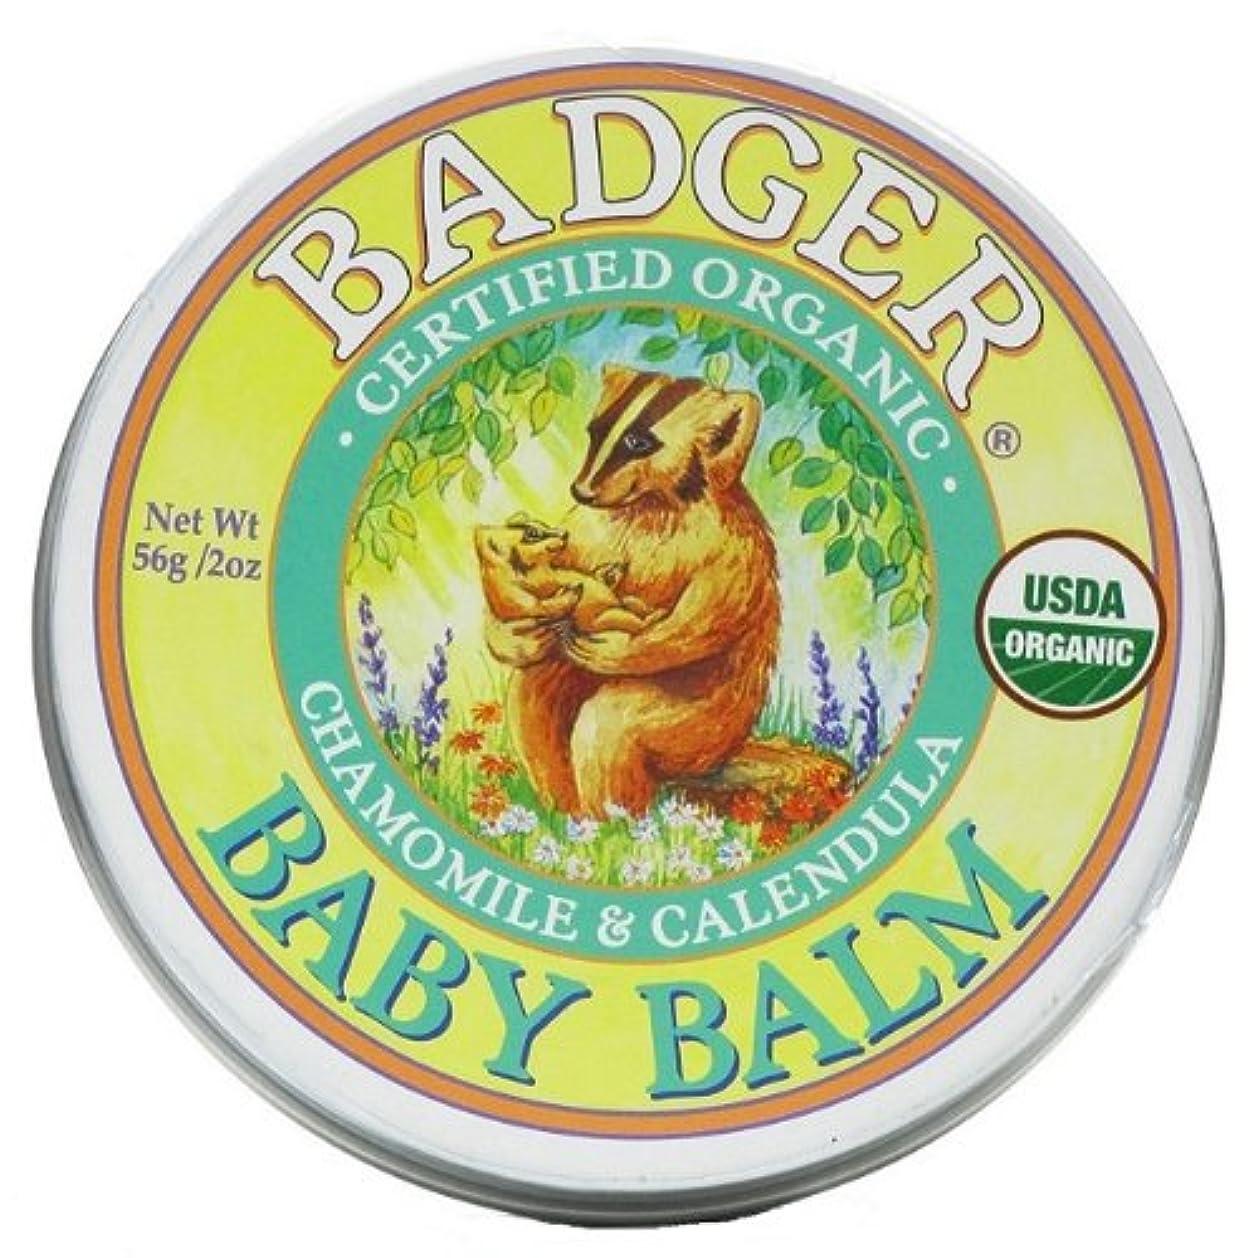 補足つまずくその後Badger バジャー オーガニックベビークリーム カモミール & カレンドラ【大サイズ】 56g【海外直送品】【並行輸入品】